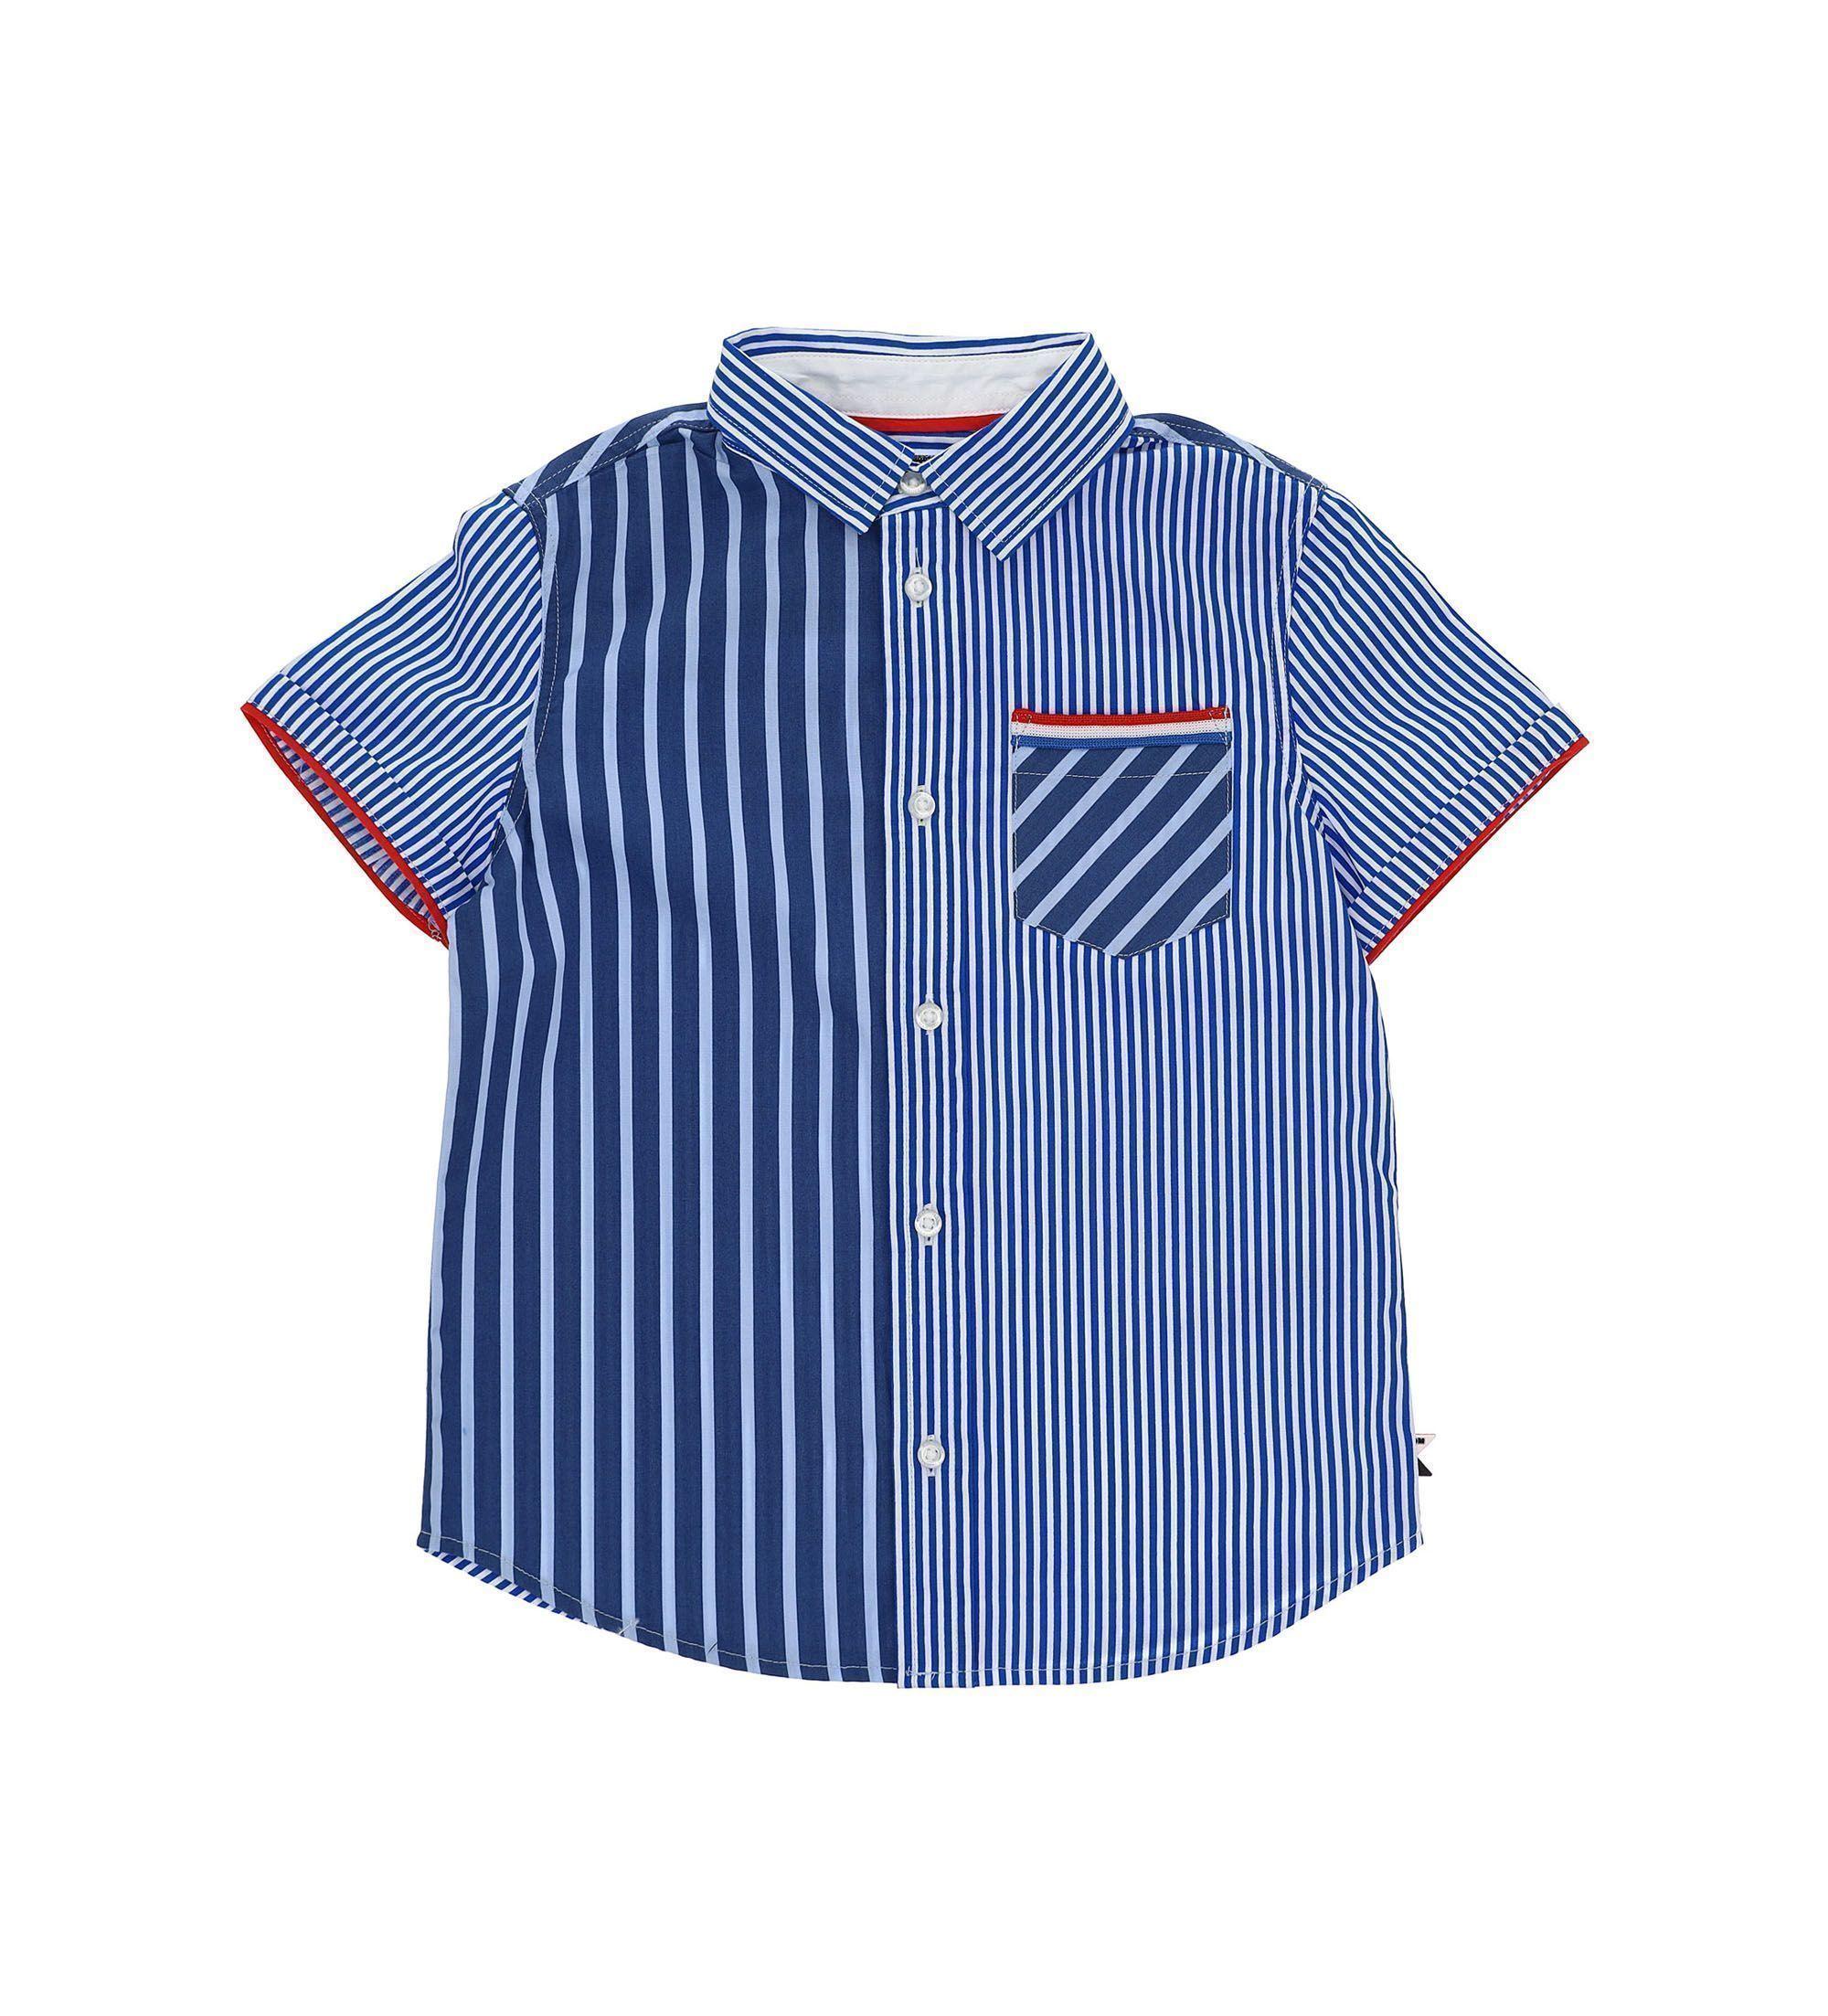 Купить Рубашка с коротким рукавом Original Marines, синий, 128, Мальчики, весна